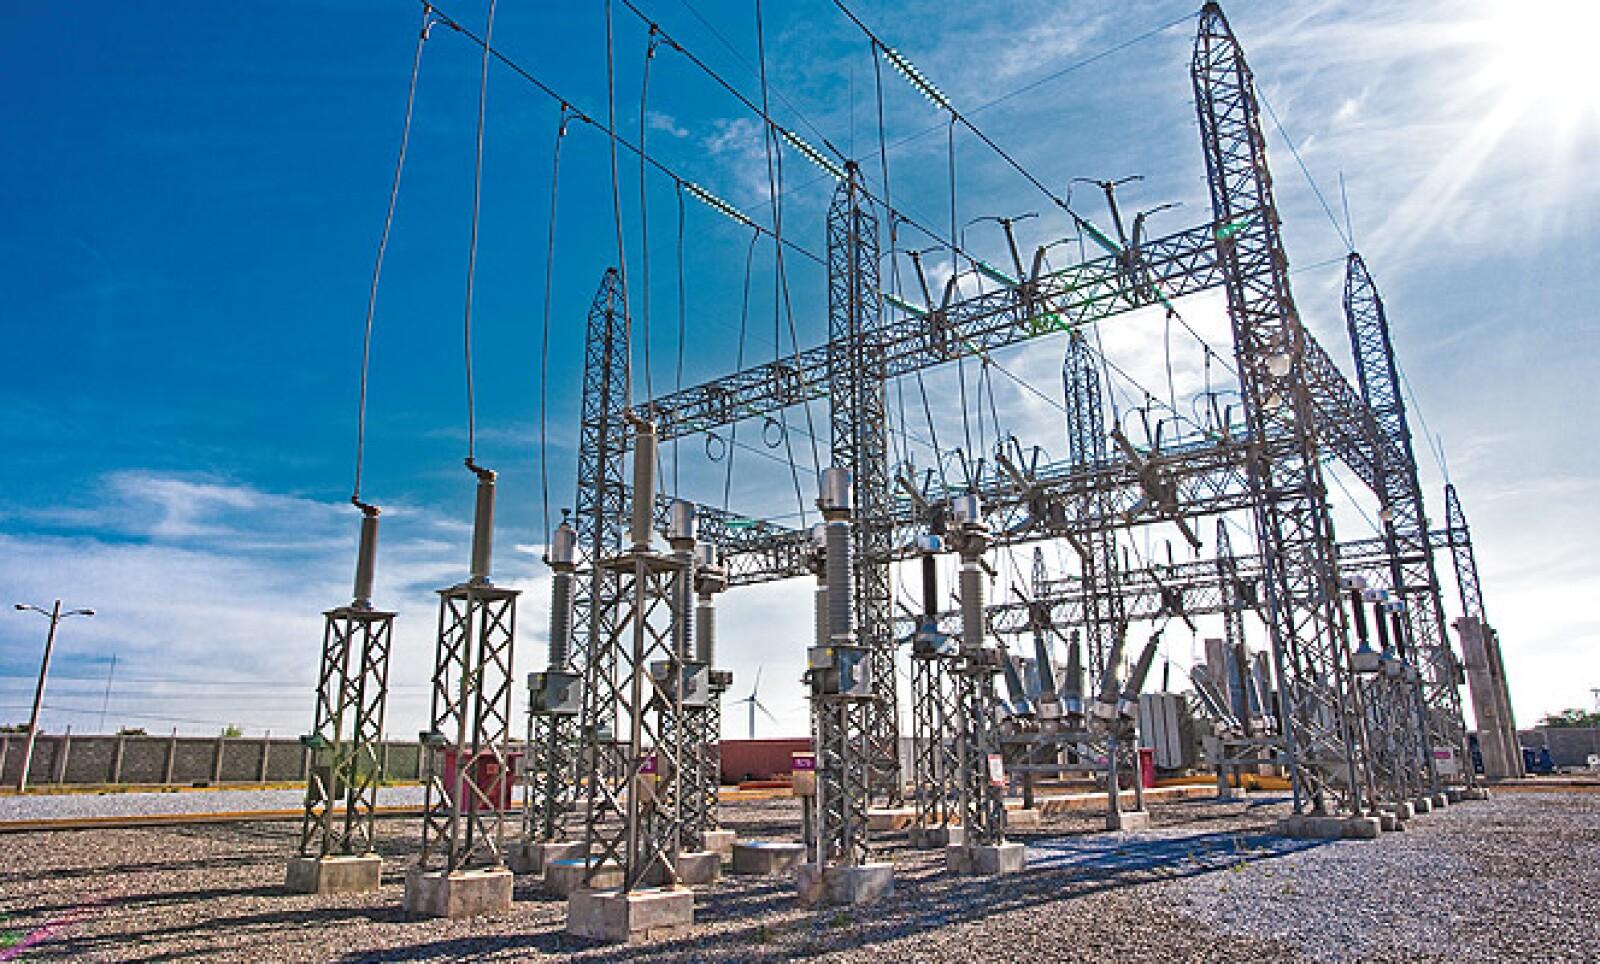 México tiene un potencial eólico mayor a 5,000 MW tan sòlo en el estado de Oaxaca.